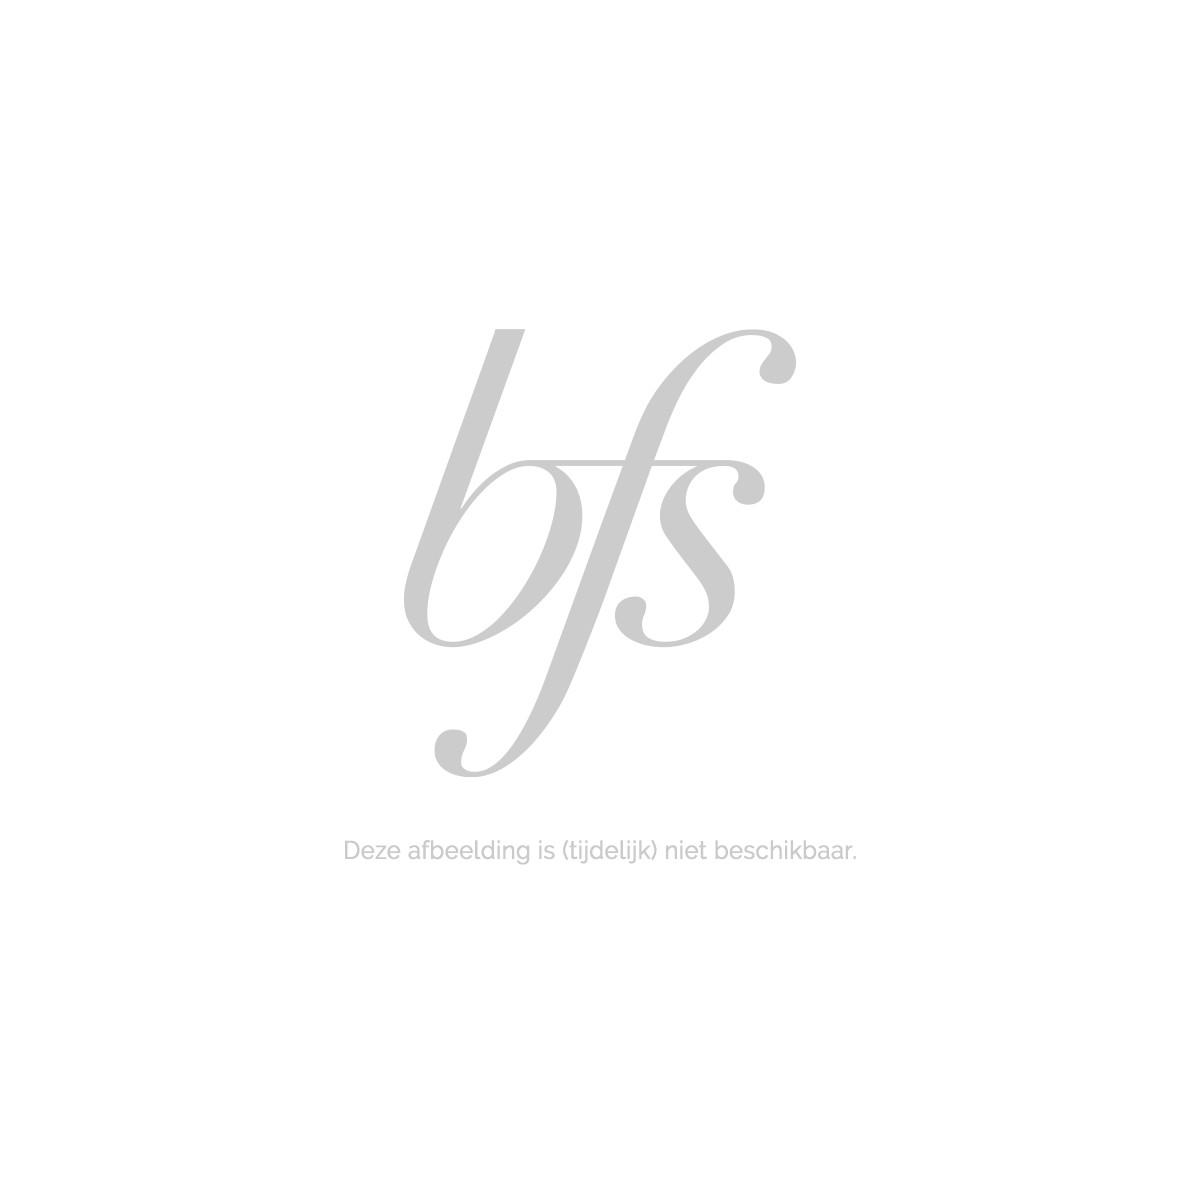 Afbeelding van Pupa Active Light Foundation 030 Natural Beige